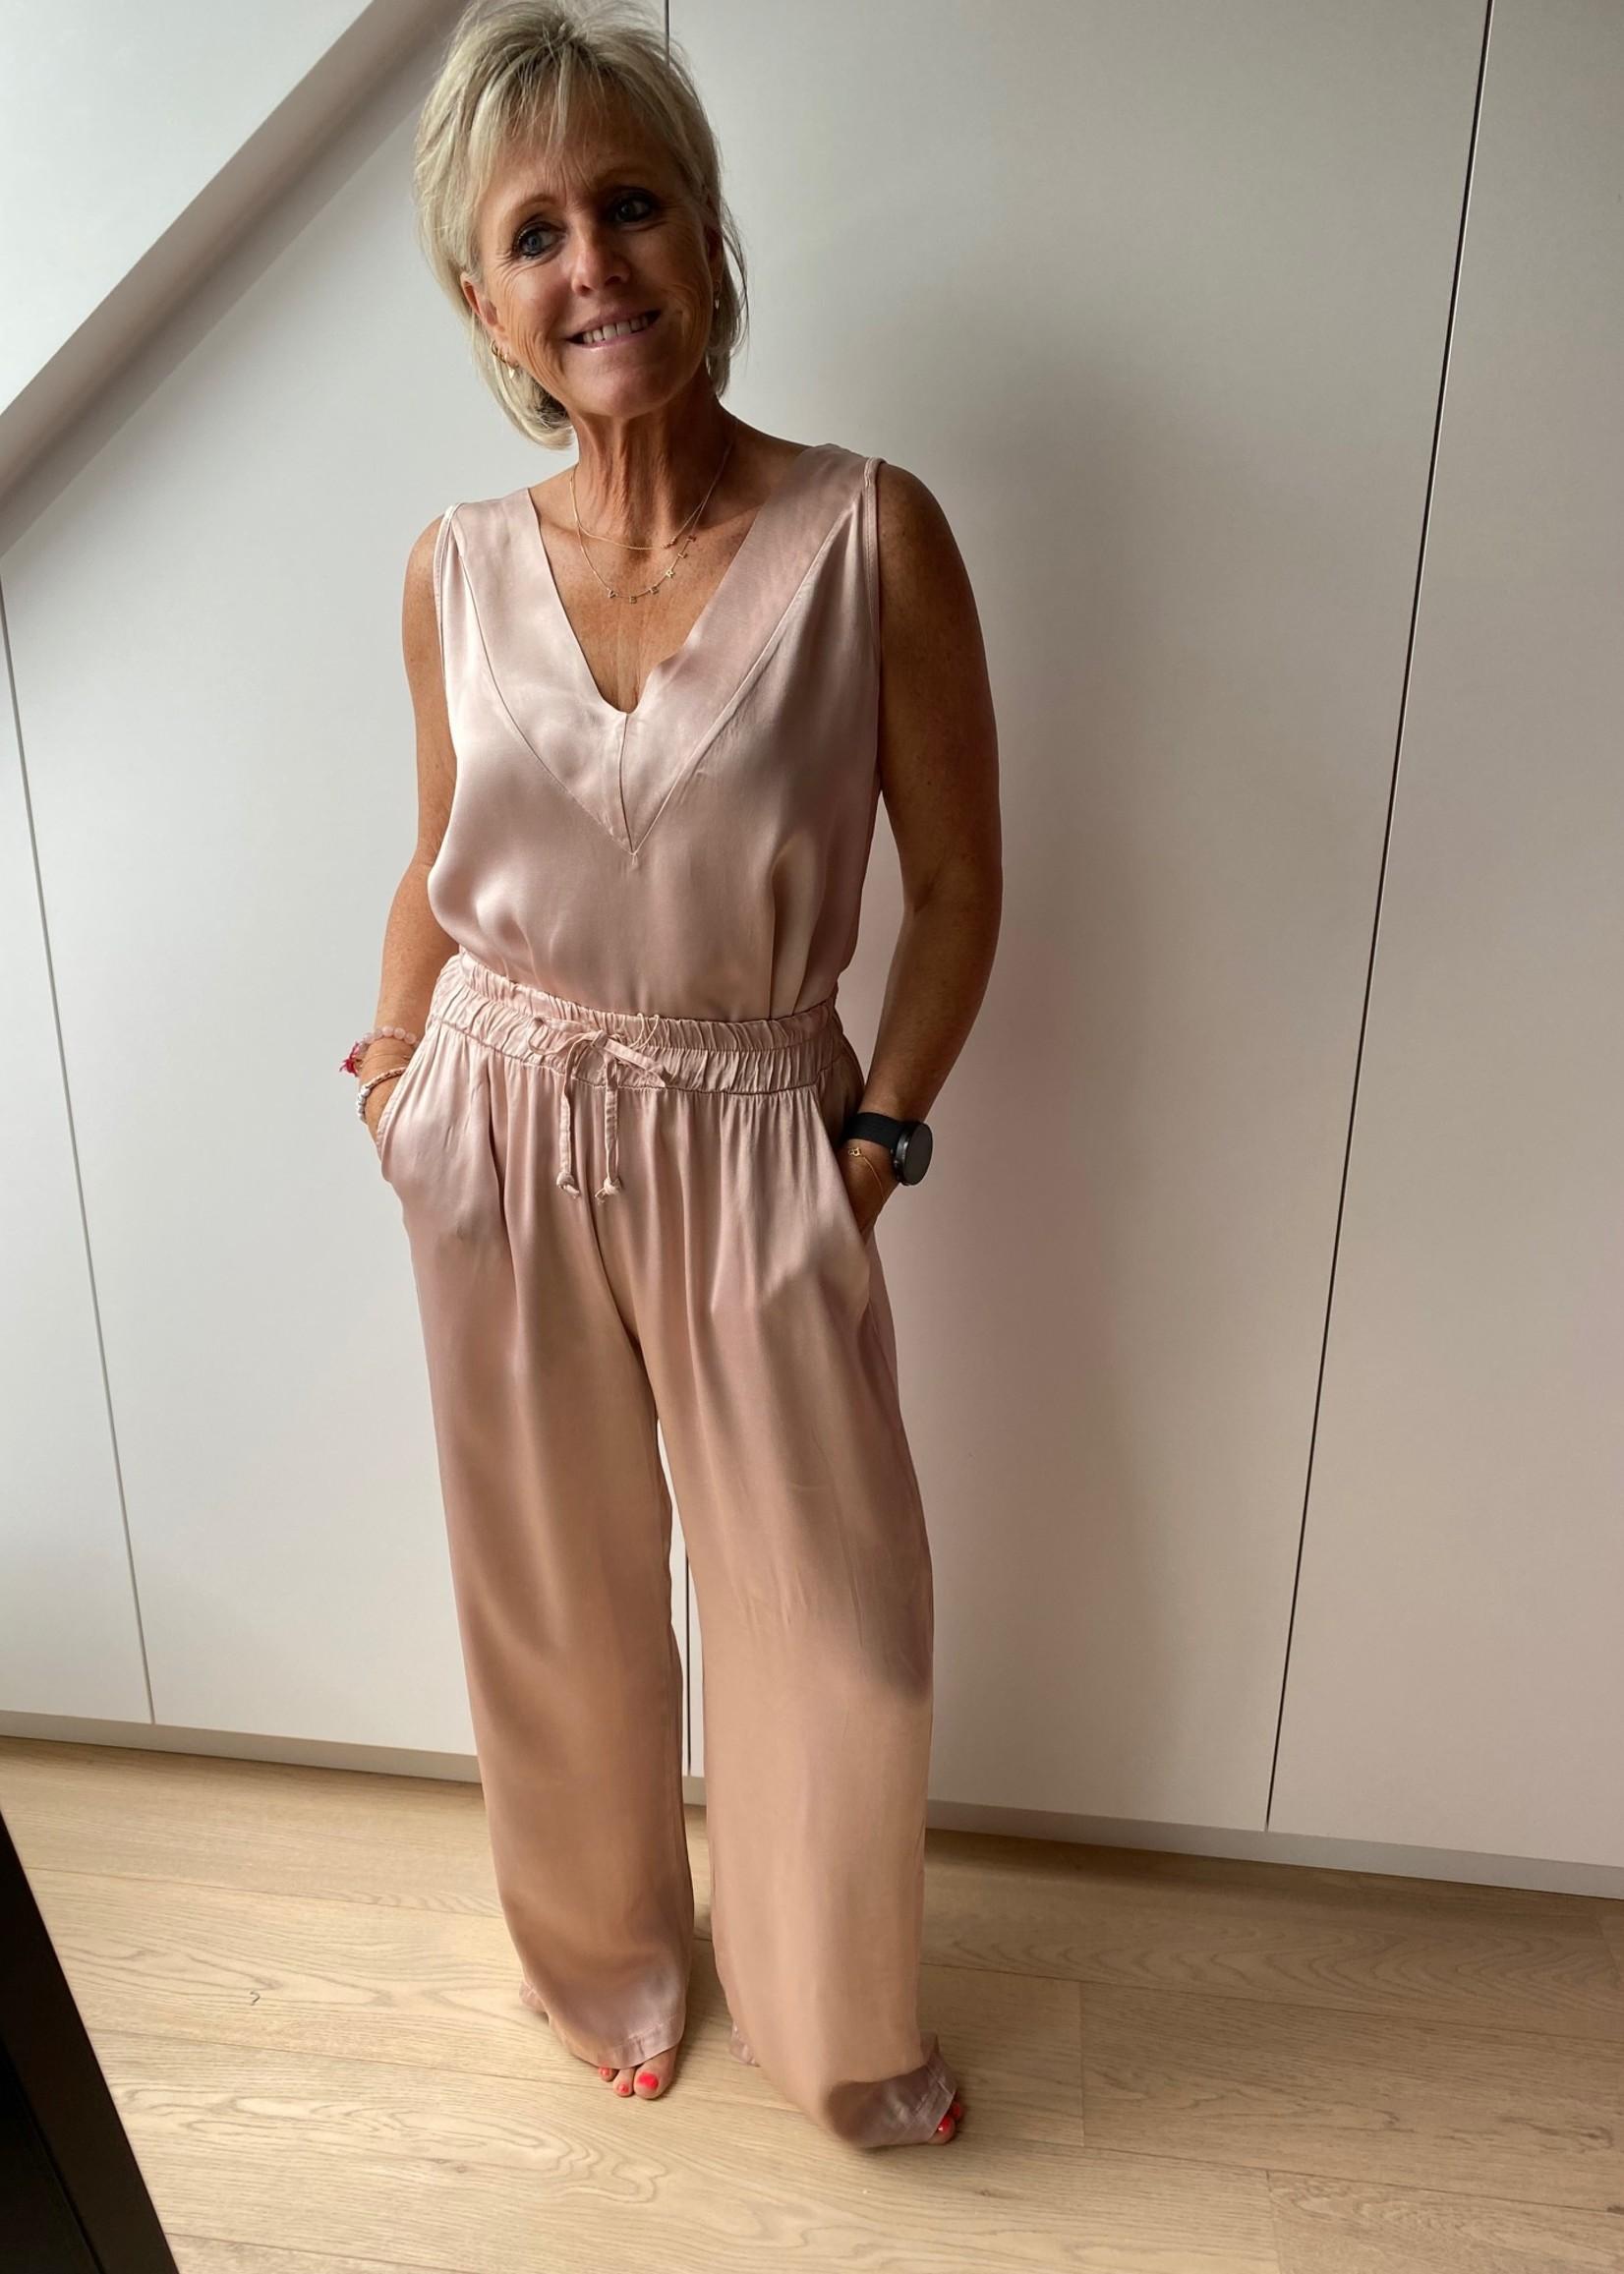 Love Topje van onze comfysuit in het roze